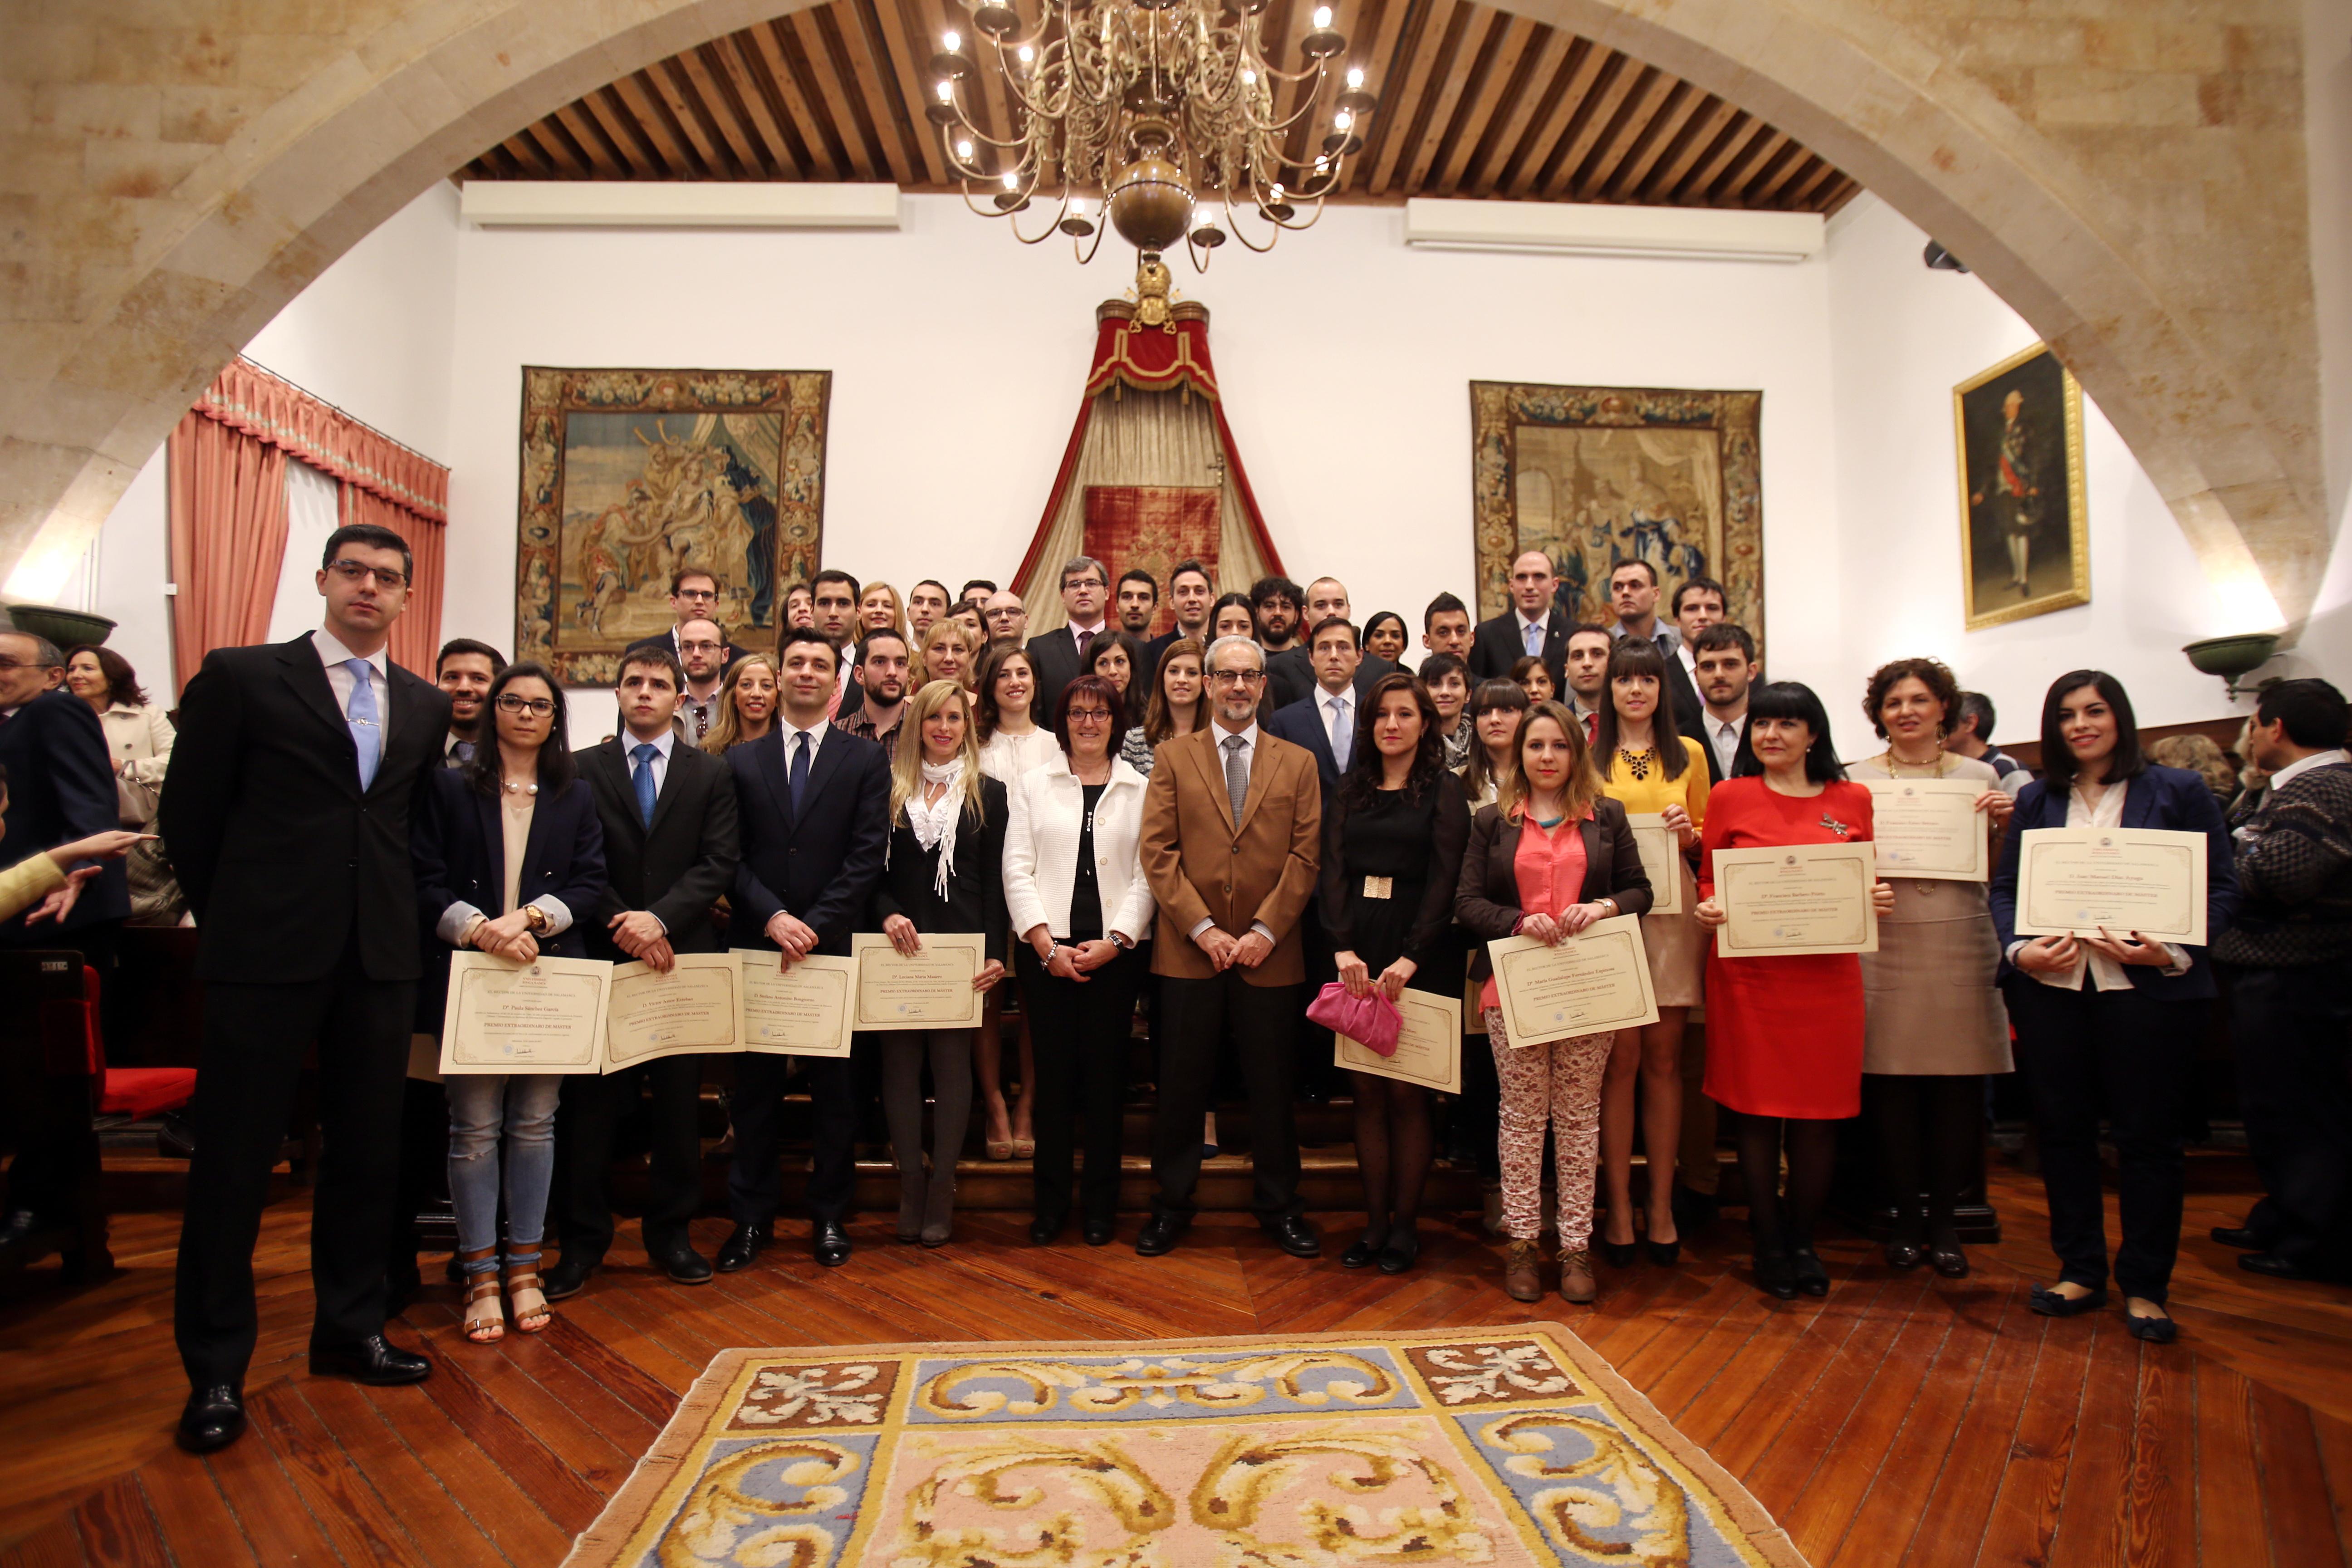 185 estudiantes reciben los premios extraordinarios de Grado, Grado de Salamanca, Máster y Doctorado de la Universidad de Salamanca